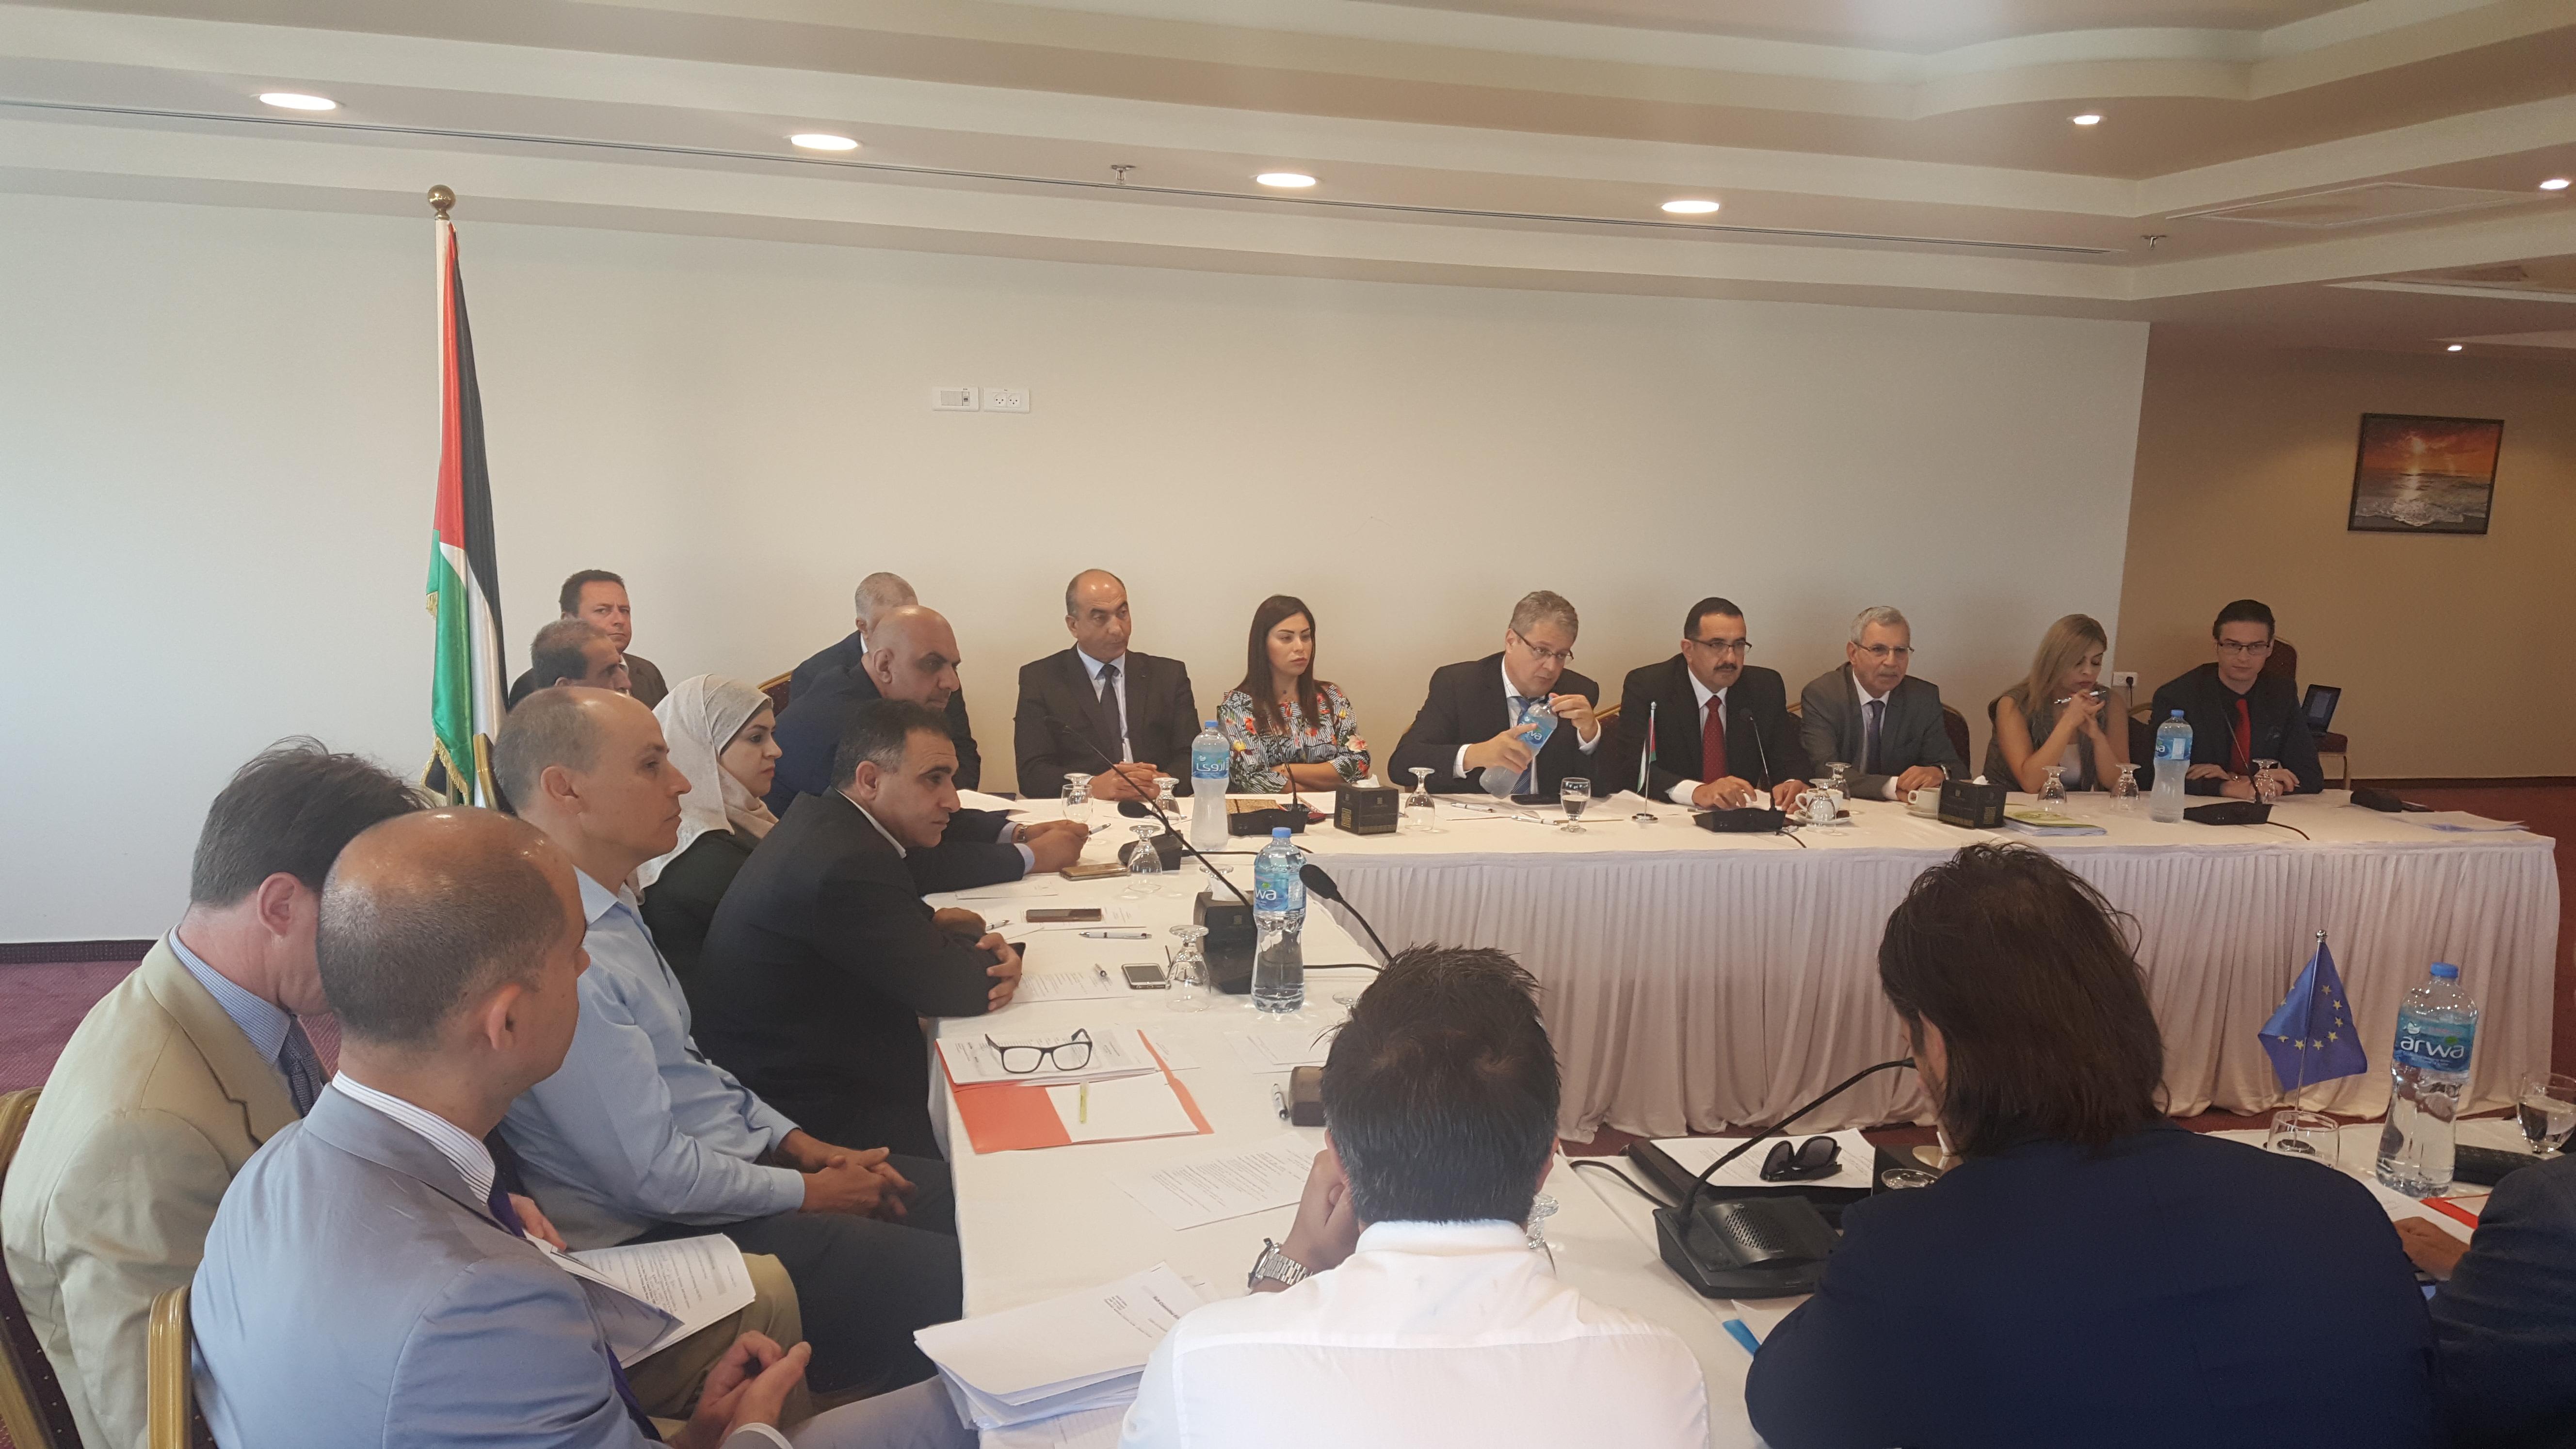 اجتماع اللجنة الأوروبية الفلسطينية الفرعية المشتركة لقطاعات الطاقة والمياه والبيئة والمواصلات